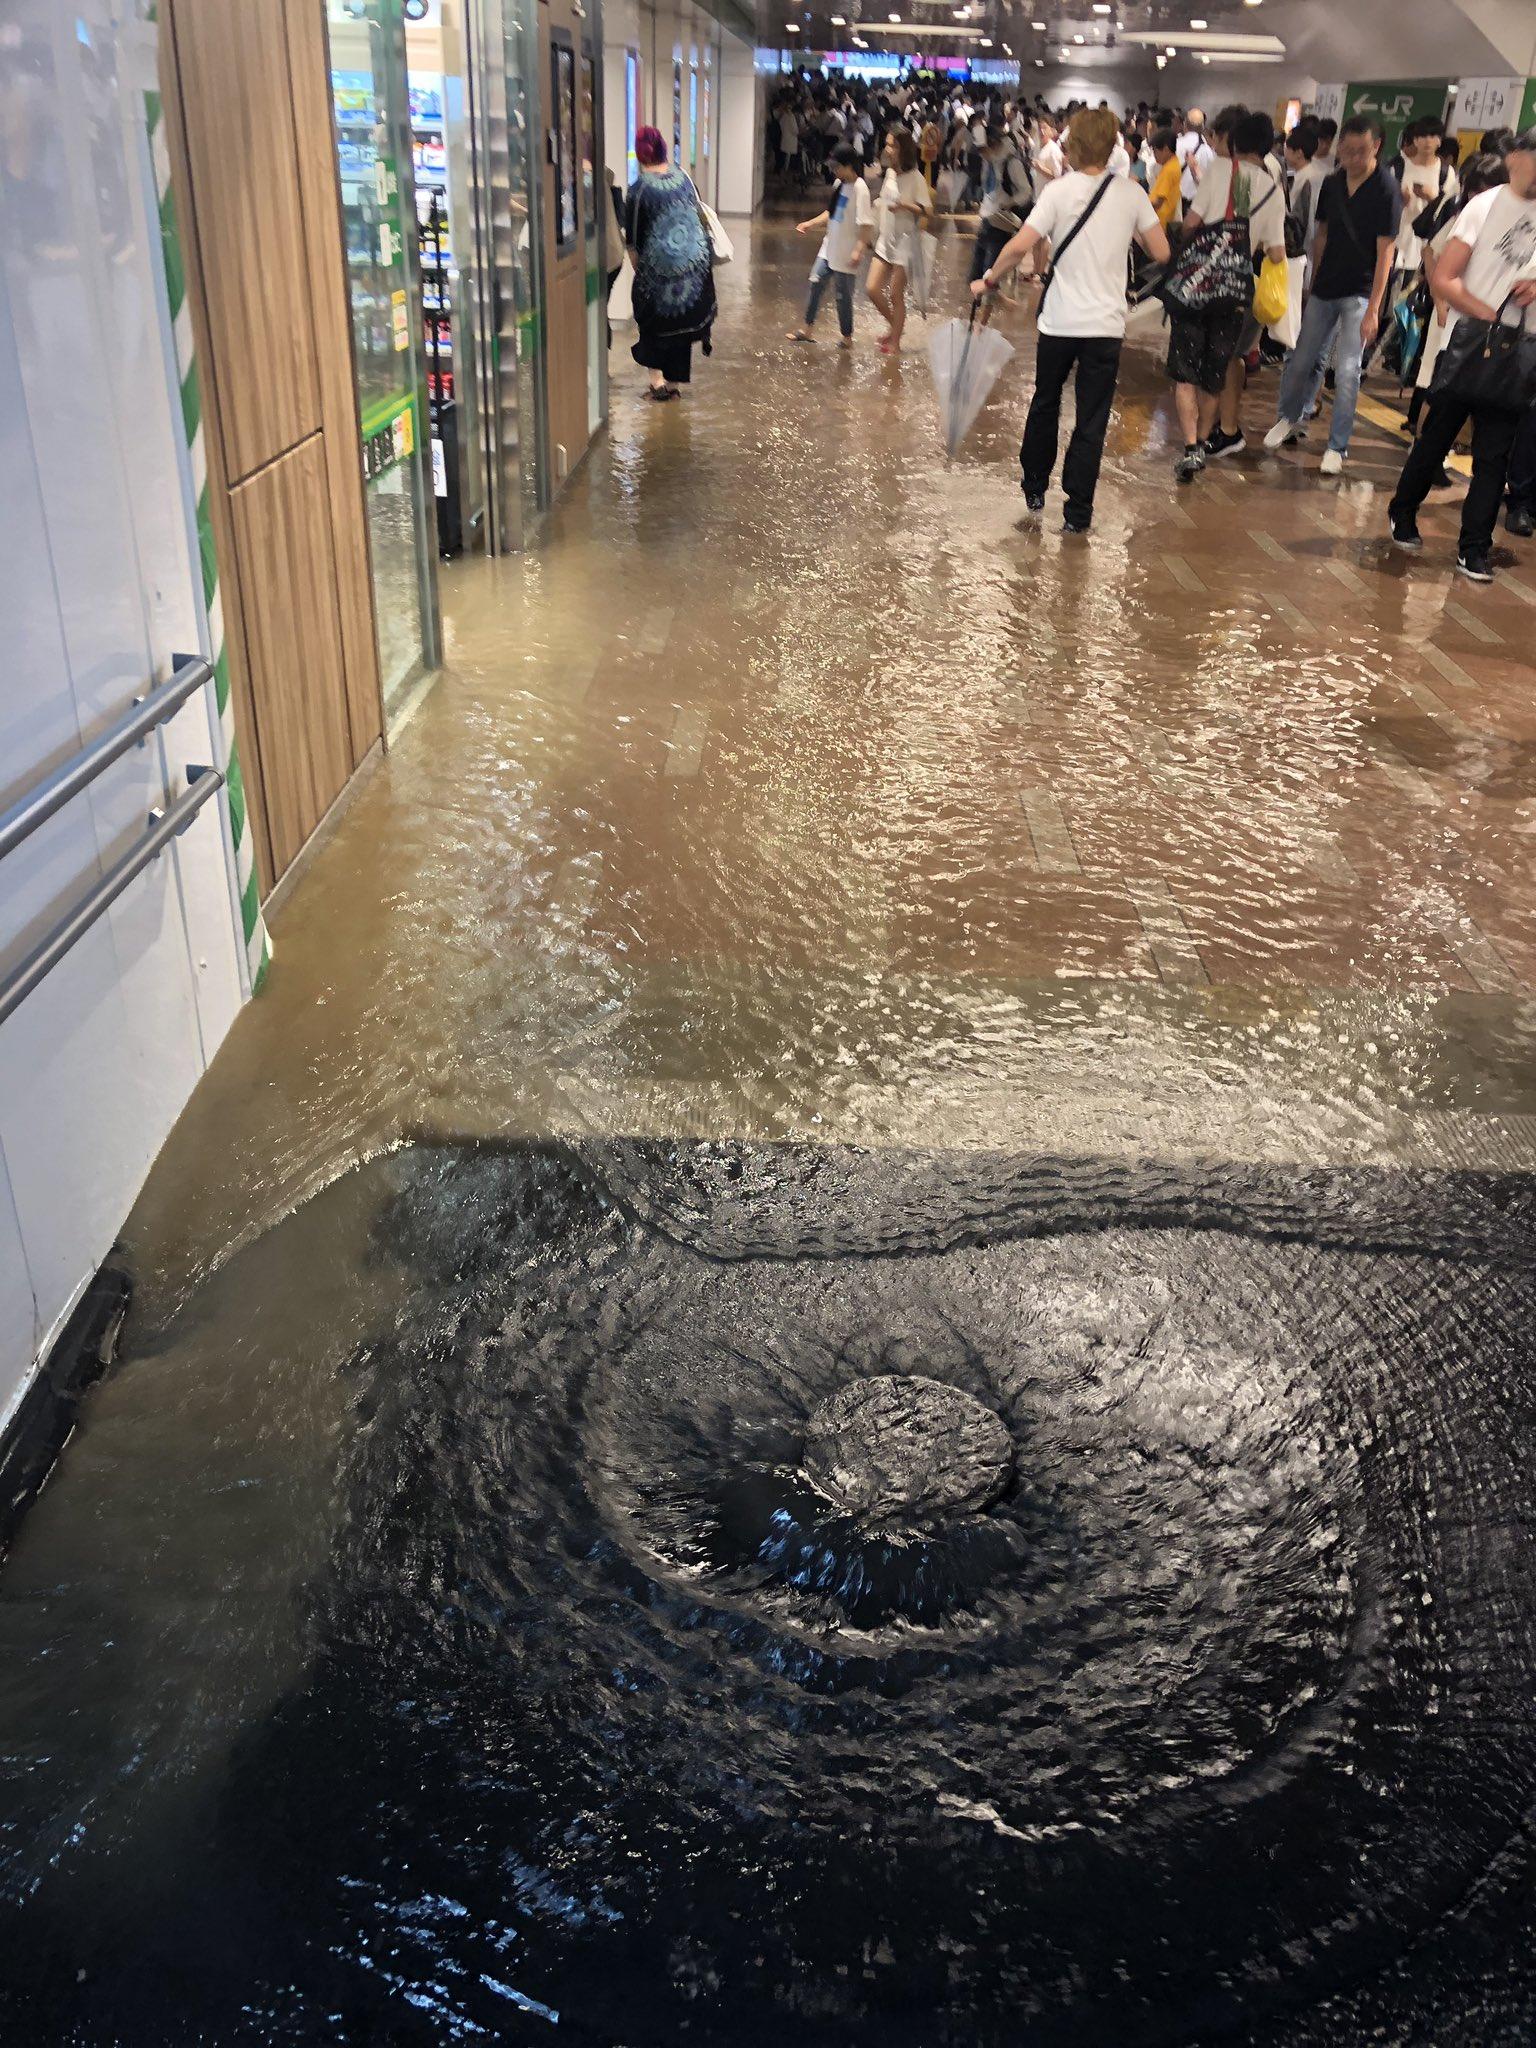 画像,新小岩駅大冠水。裸足でも変わらんぞこれ https://t.co/hbNIzXNvrE。